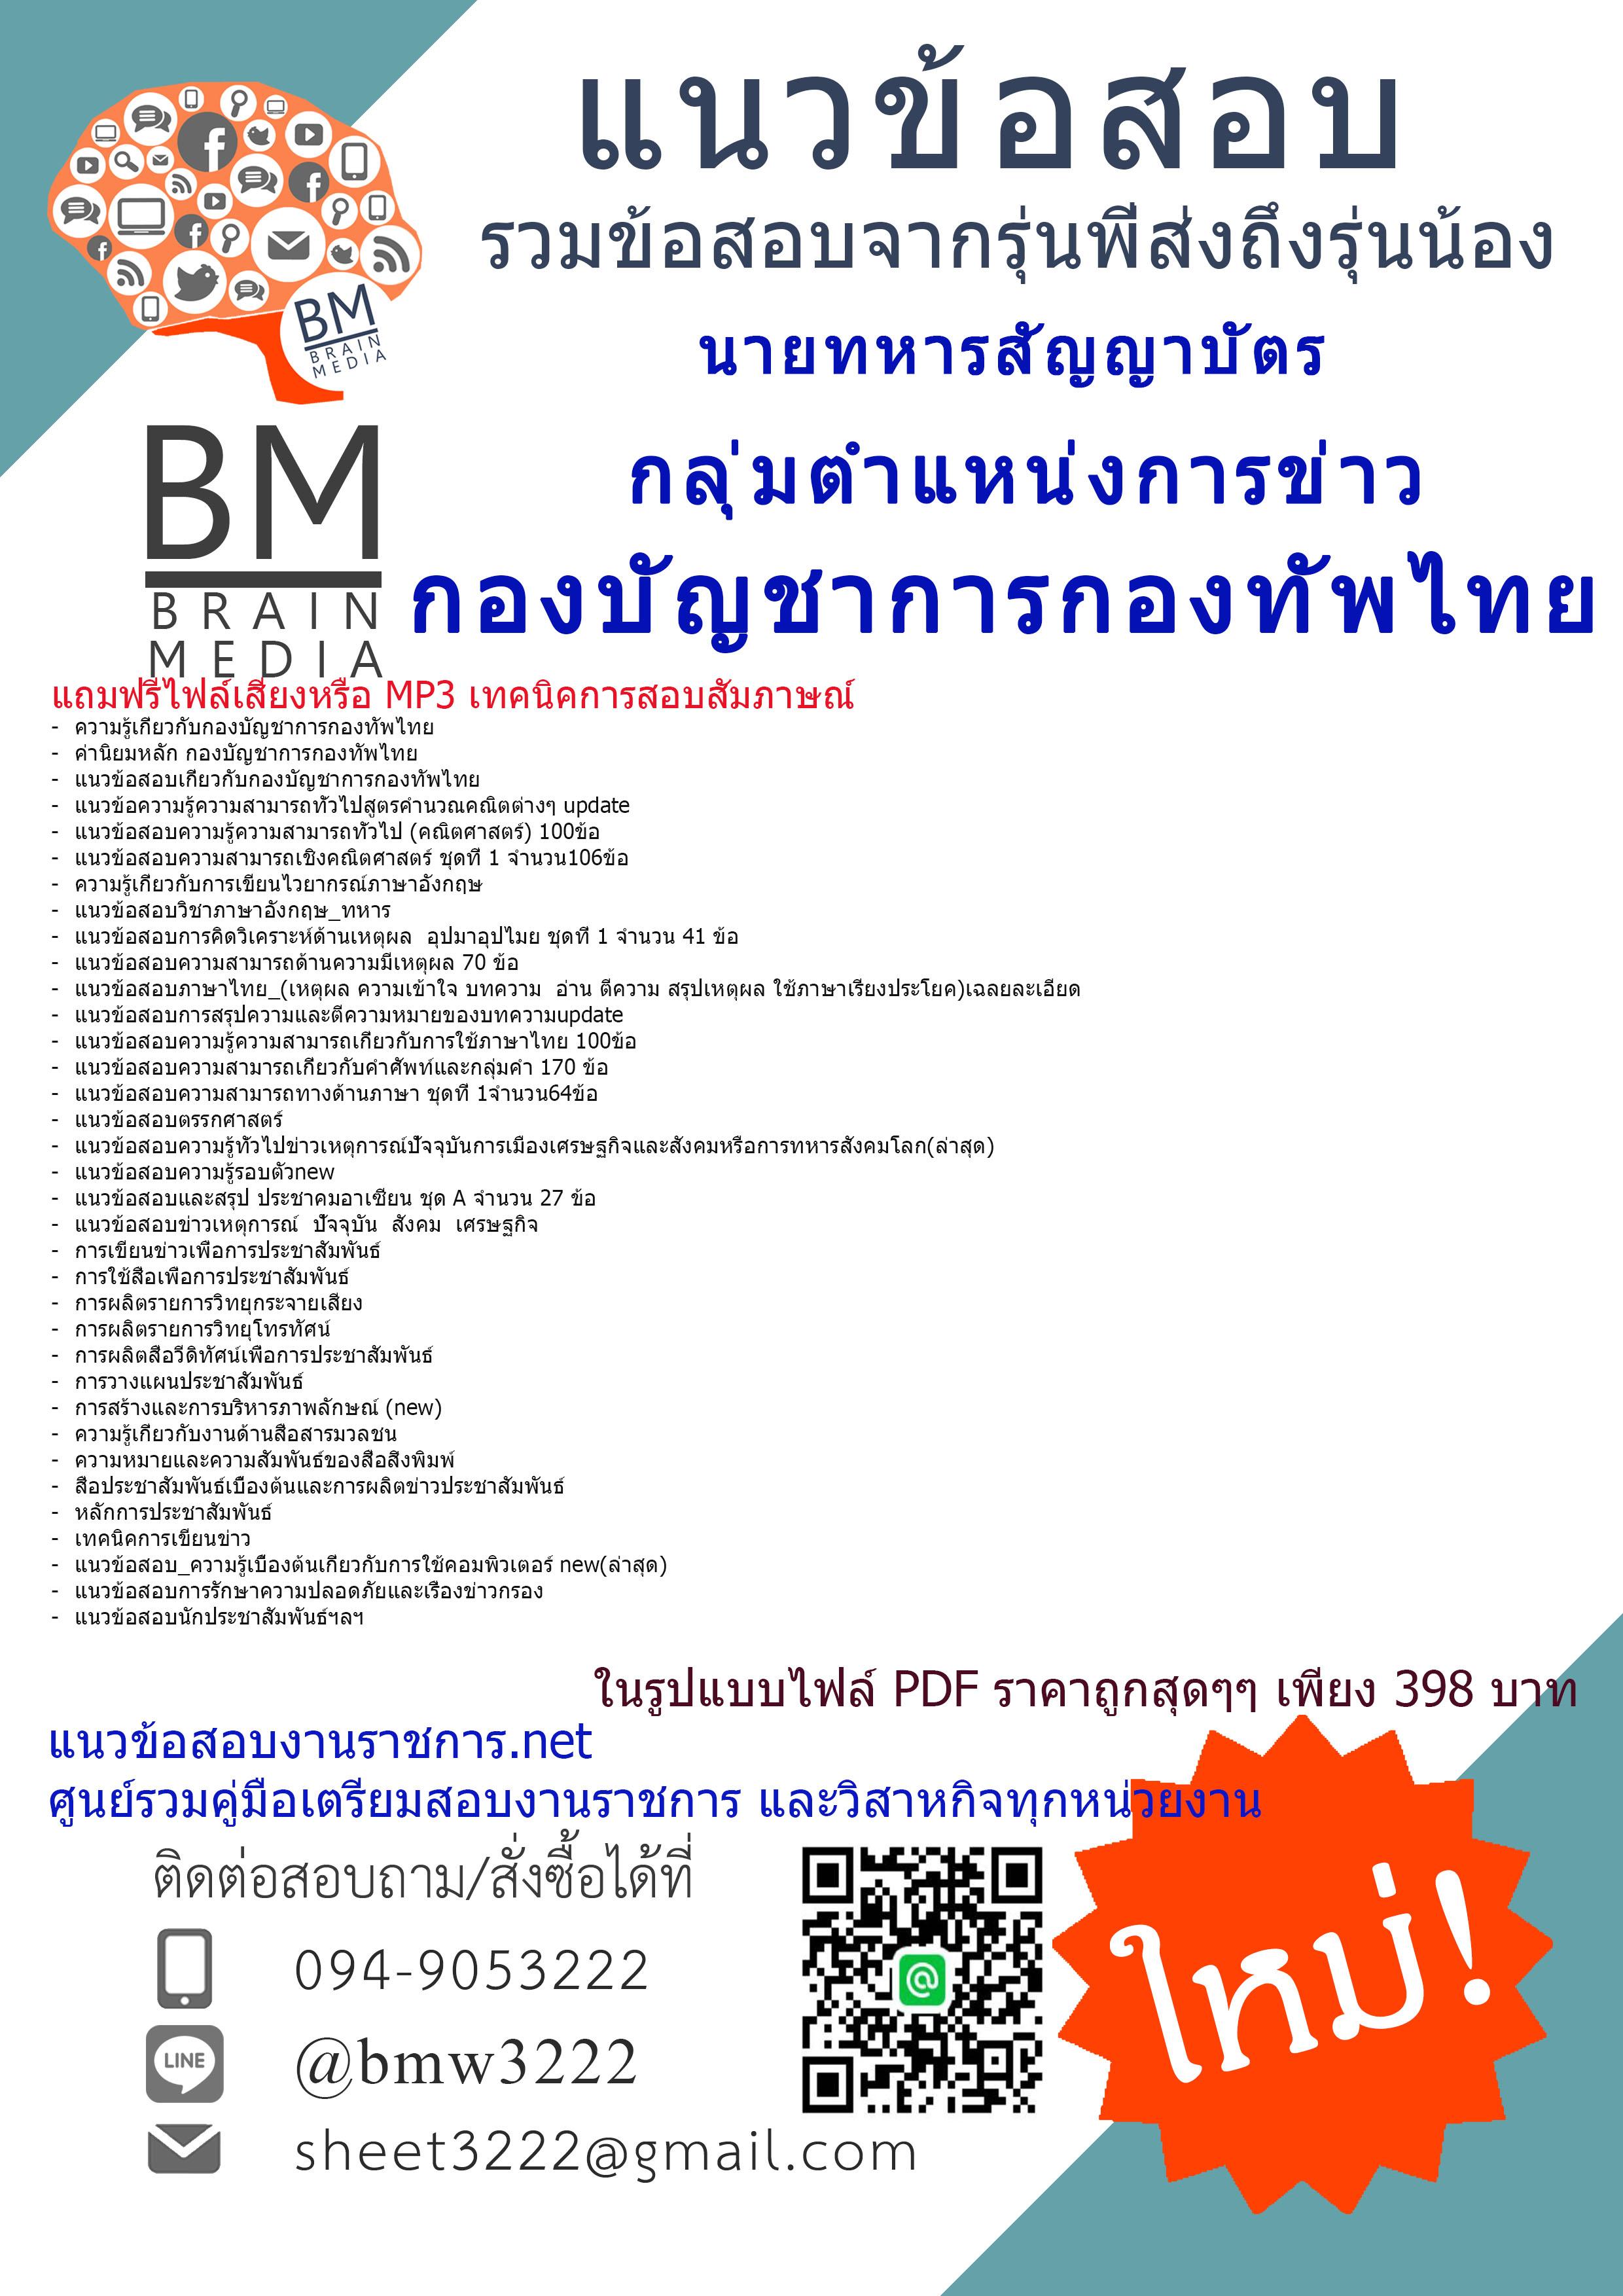 (((+newupdateที่สุด+)))แนวข้อสอบนายทหารสัญญาบัตรกลุ่มตำแหน่งการข่าวกองบัญชาการกองทัพไทย